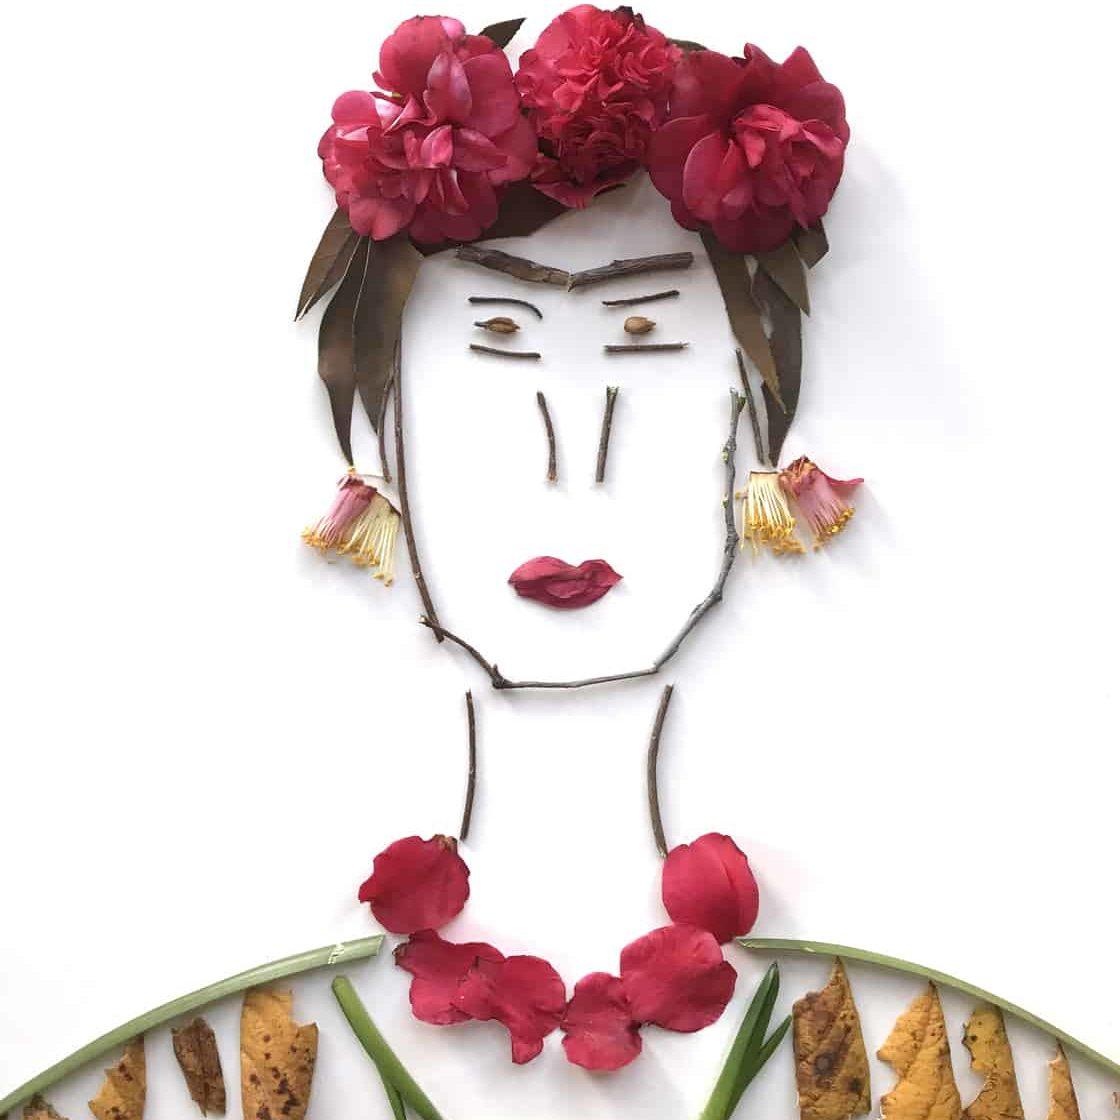 Frida_Kahlo_IMG_3508_EDIT_400dpi_8x10